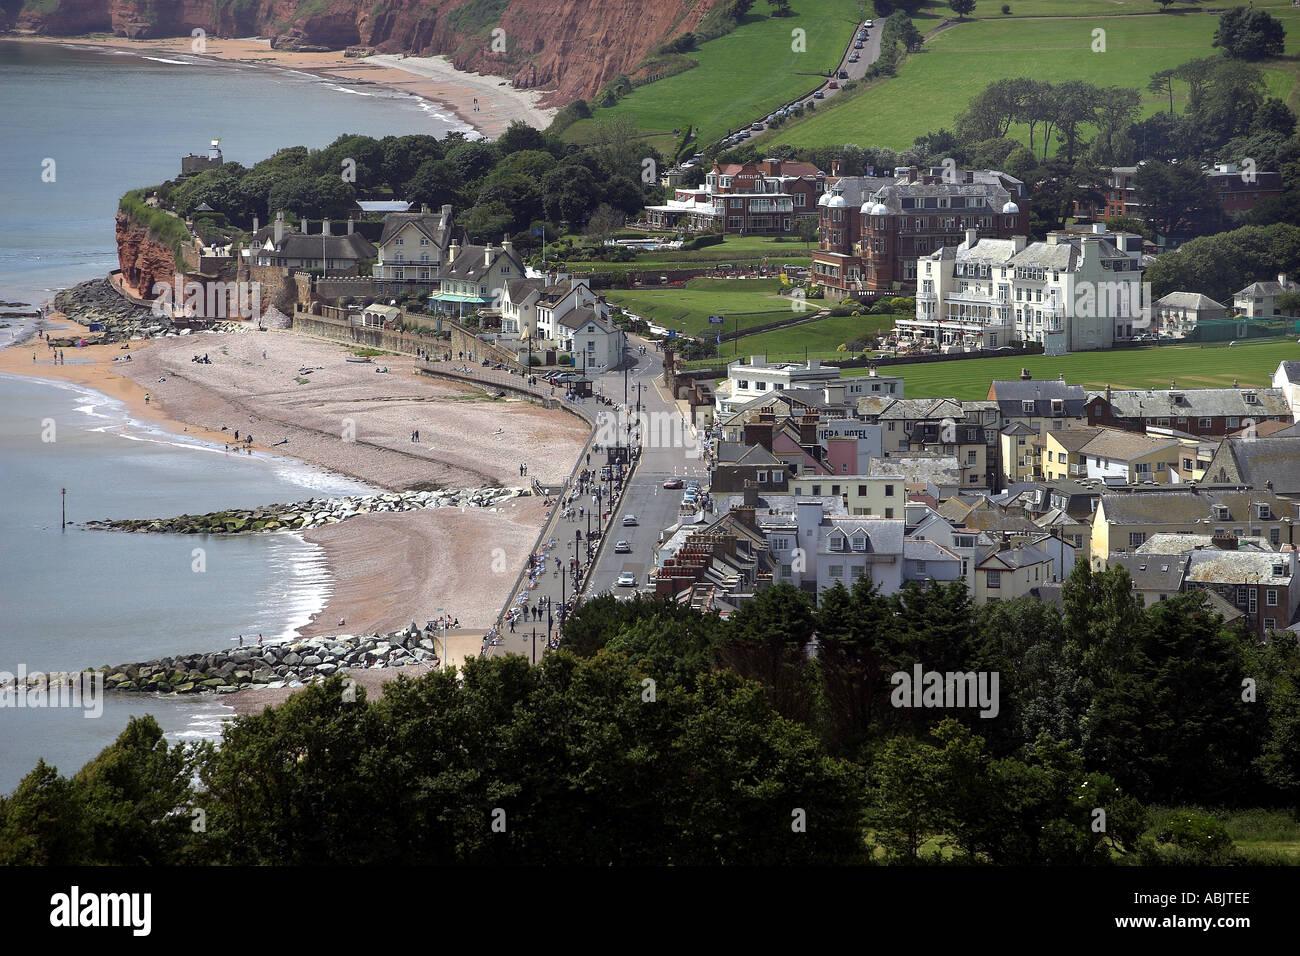 El Regency resort de Sidmouth en East Devon con los acantilados de la Costa Jurásica detrás Imagen De Stock